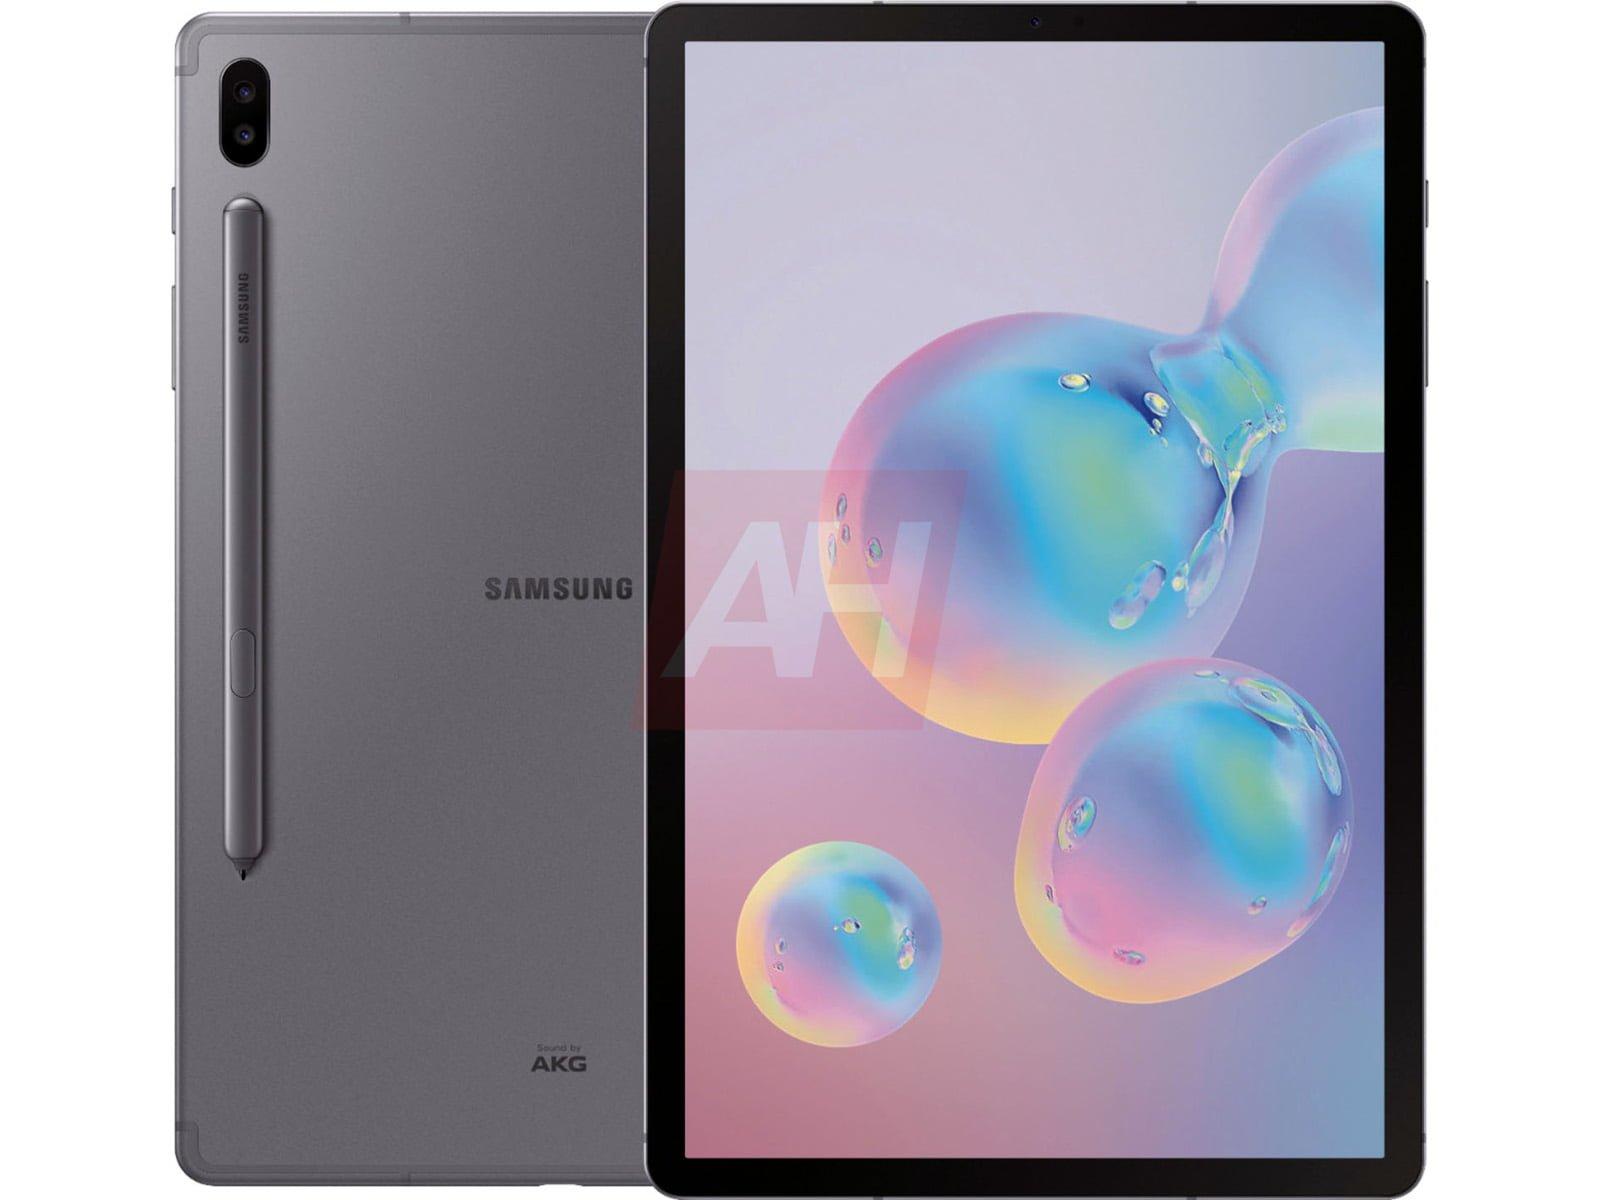 Samsung Galaxy Tab S6 będzie miał mniejszą baterię niż Galaxy Tab S4